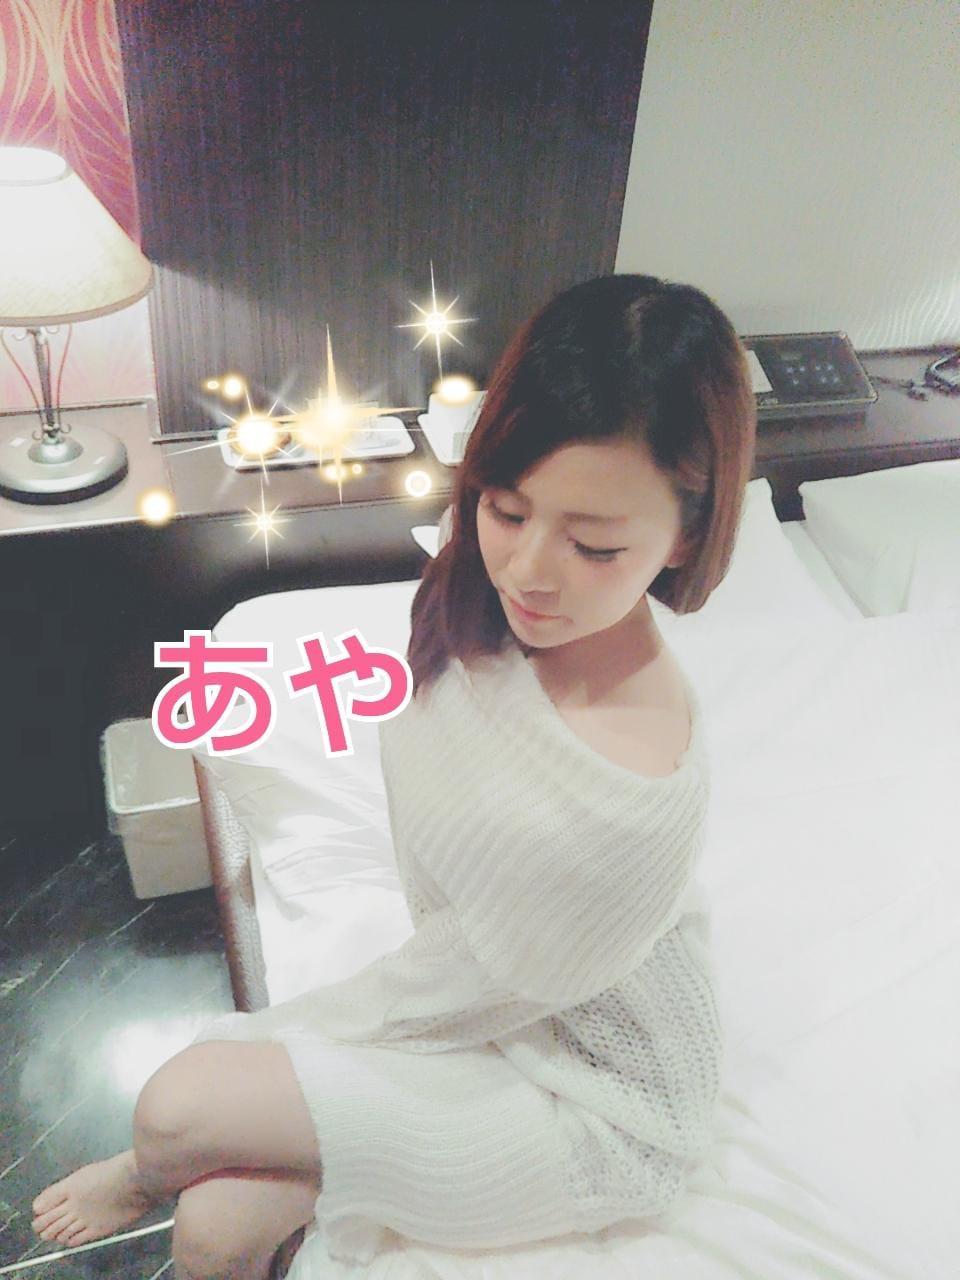 「お礼♪」11/20(11/20) 21:30 | あや☆キレカワお姉さまの写メ・風俗動画